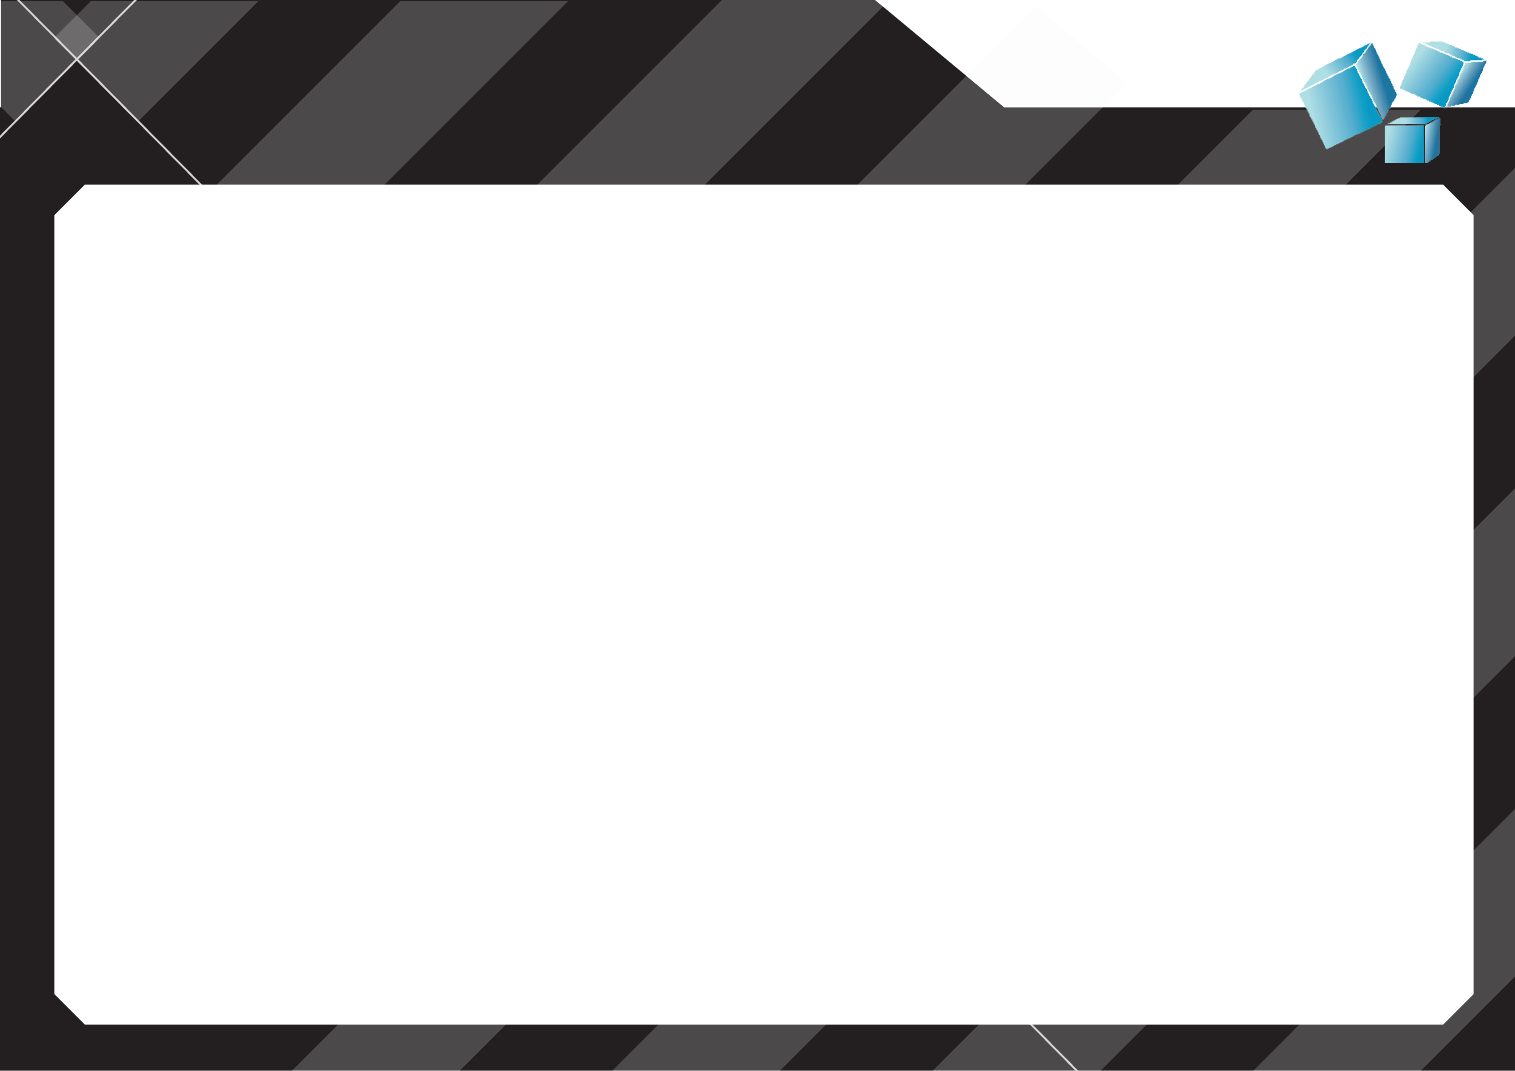 Unduh 8400 Koleksi Background Dan Animasi Bergerak Ppt Terbaru 2015 Gratis Terbaik